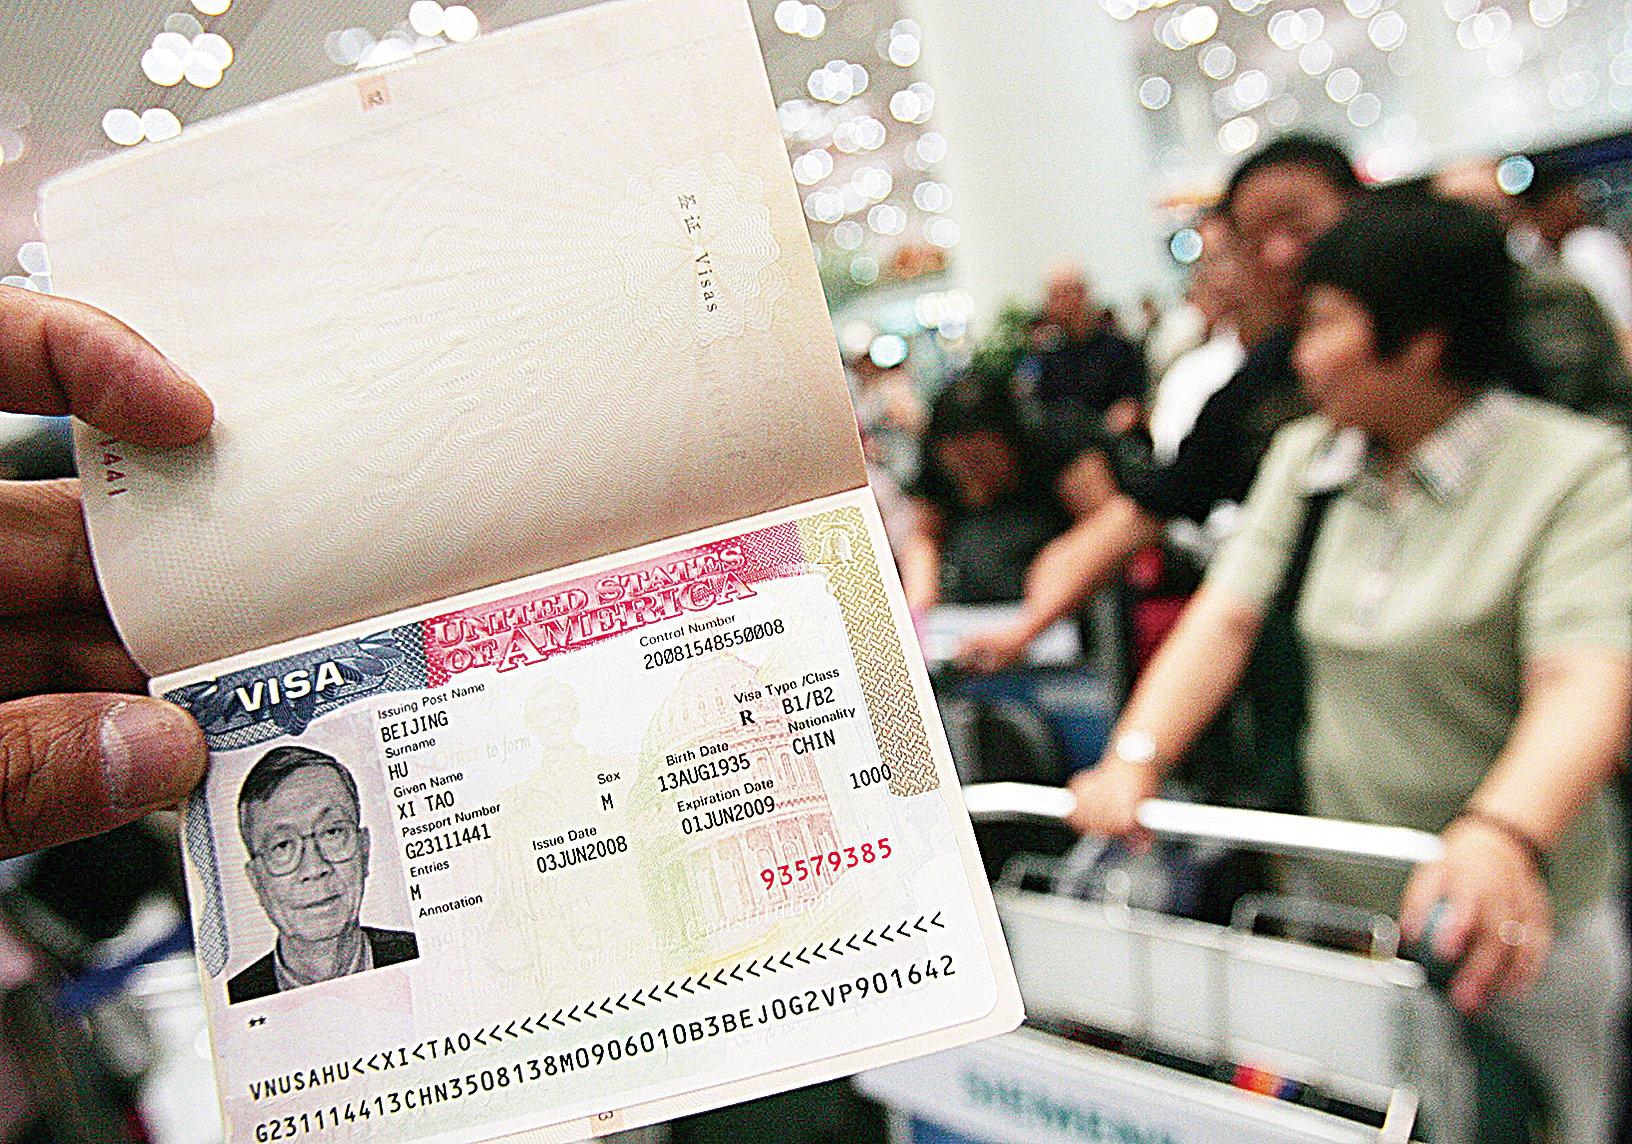 使領館若認為申請人有安全威脅、欺詐或意圖非法滯留,有權拒發簽證。圖為華人展示美國簽證。(Getty Images)